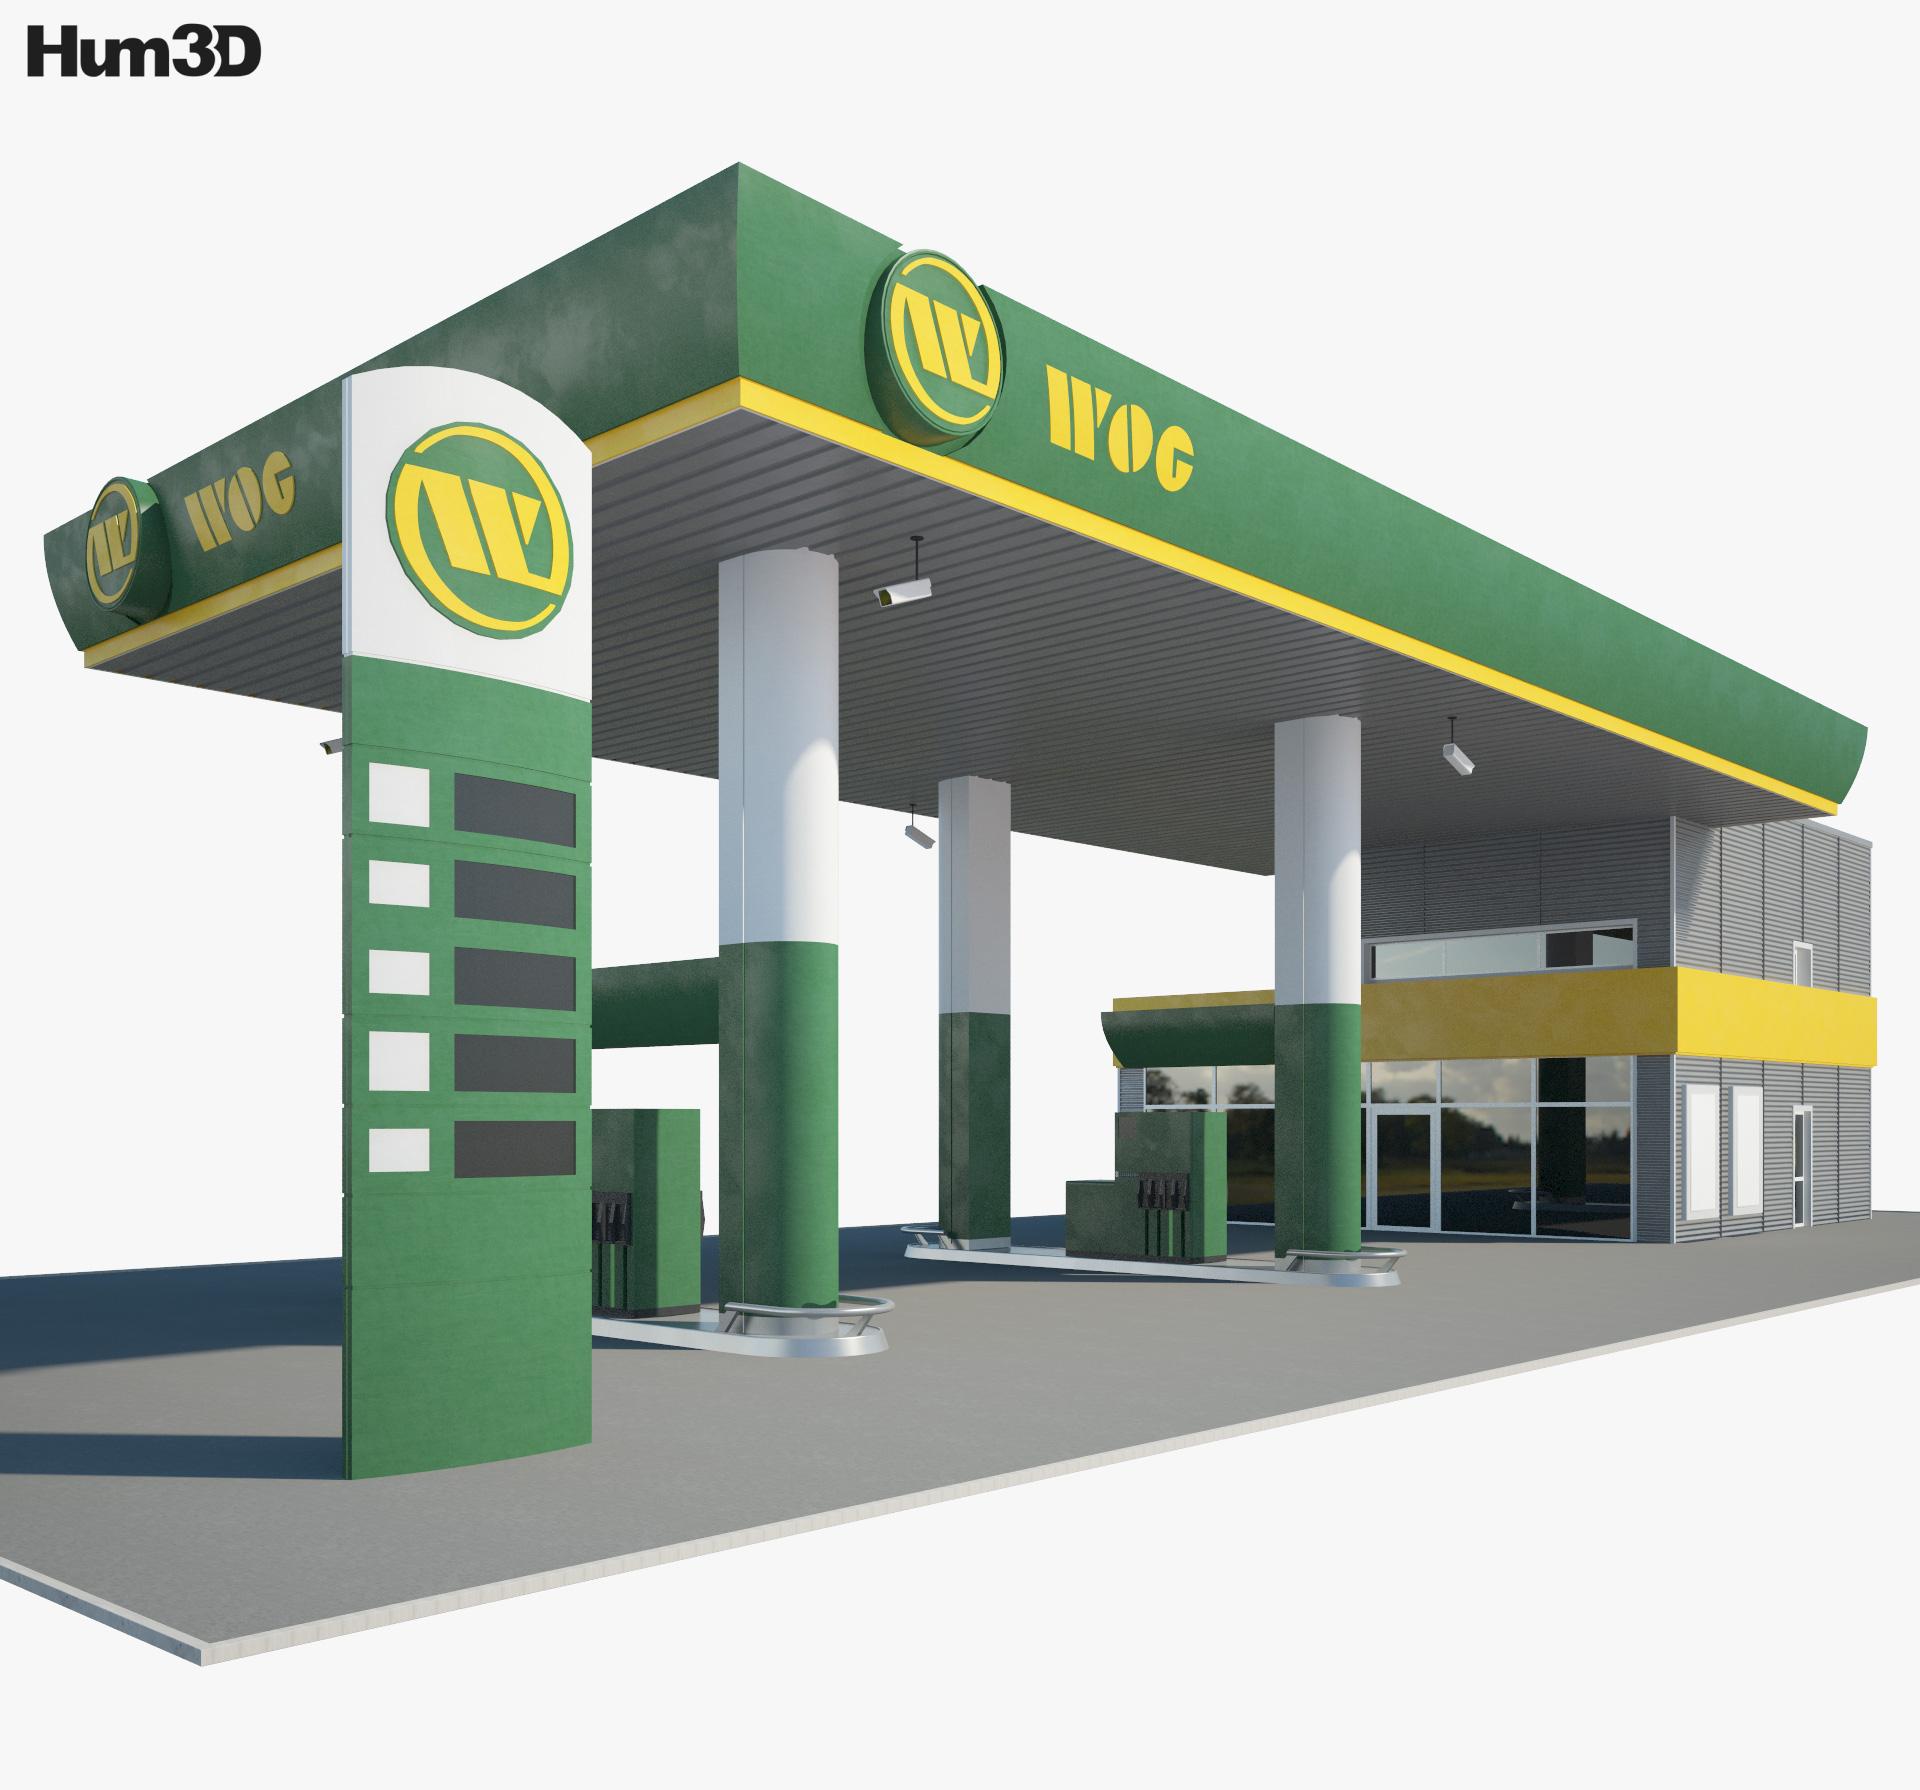 WOG gas station 001 3d model